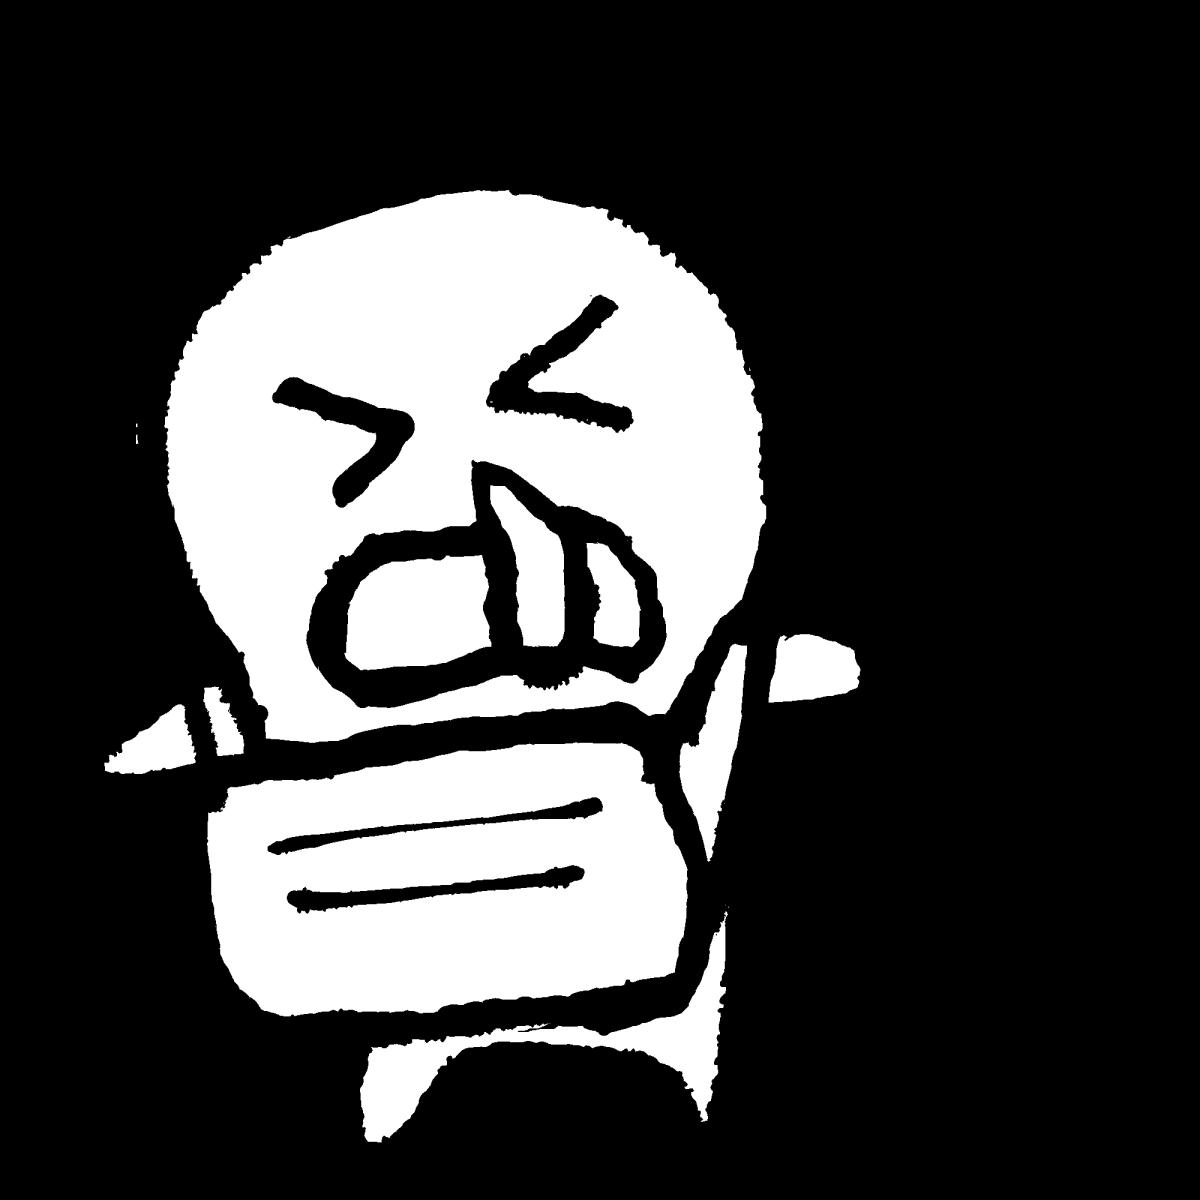 マスクをしてくしゃみ2(字なし有)のイラスト / Sneezing with a mask2Coronavirus Illustration